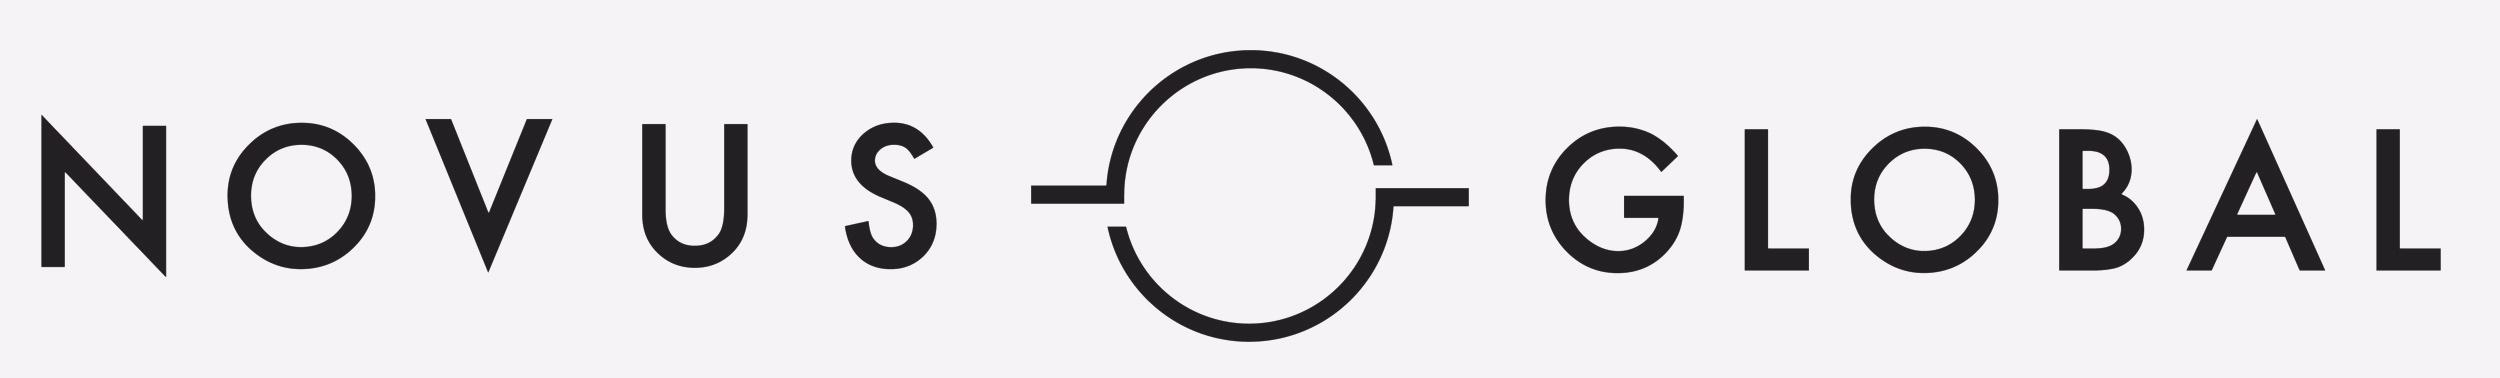 Novus-HomeLogo-01%2B%25281%2529.jpg